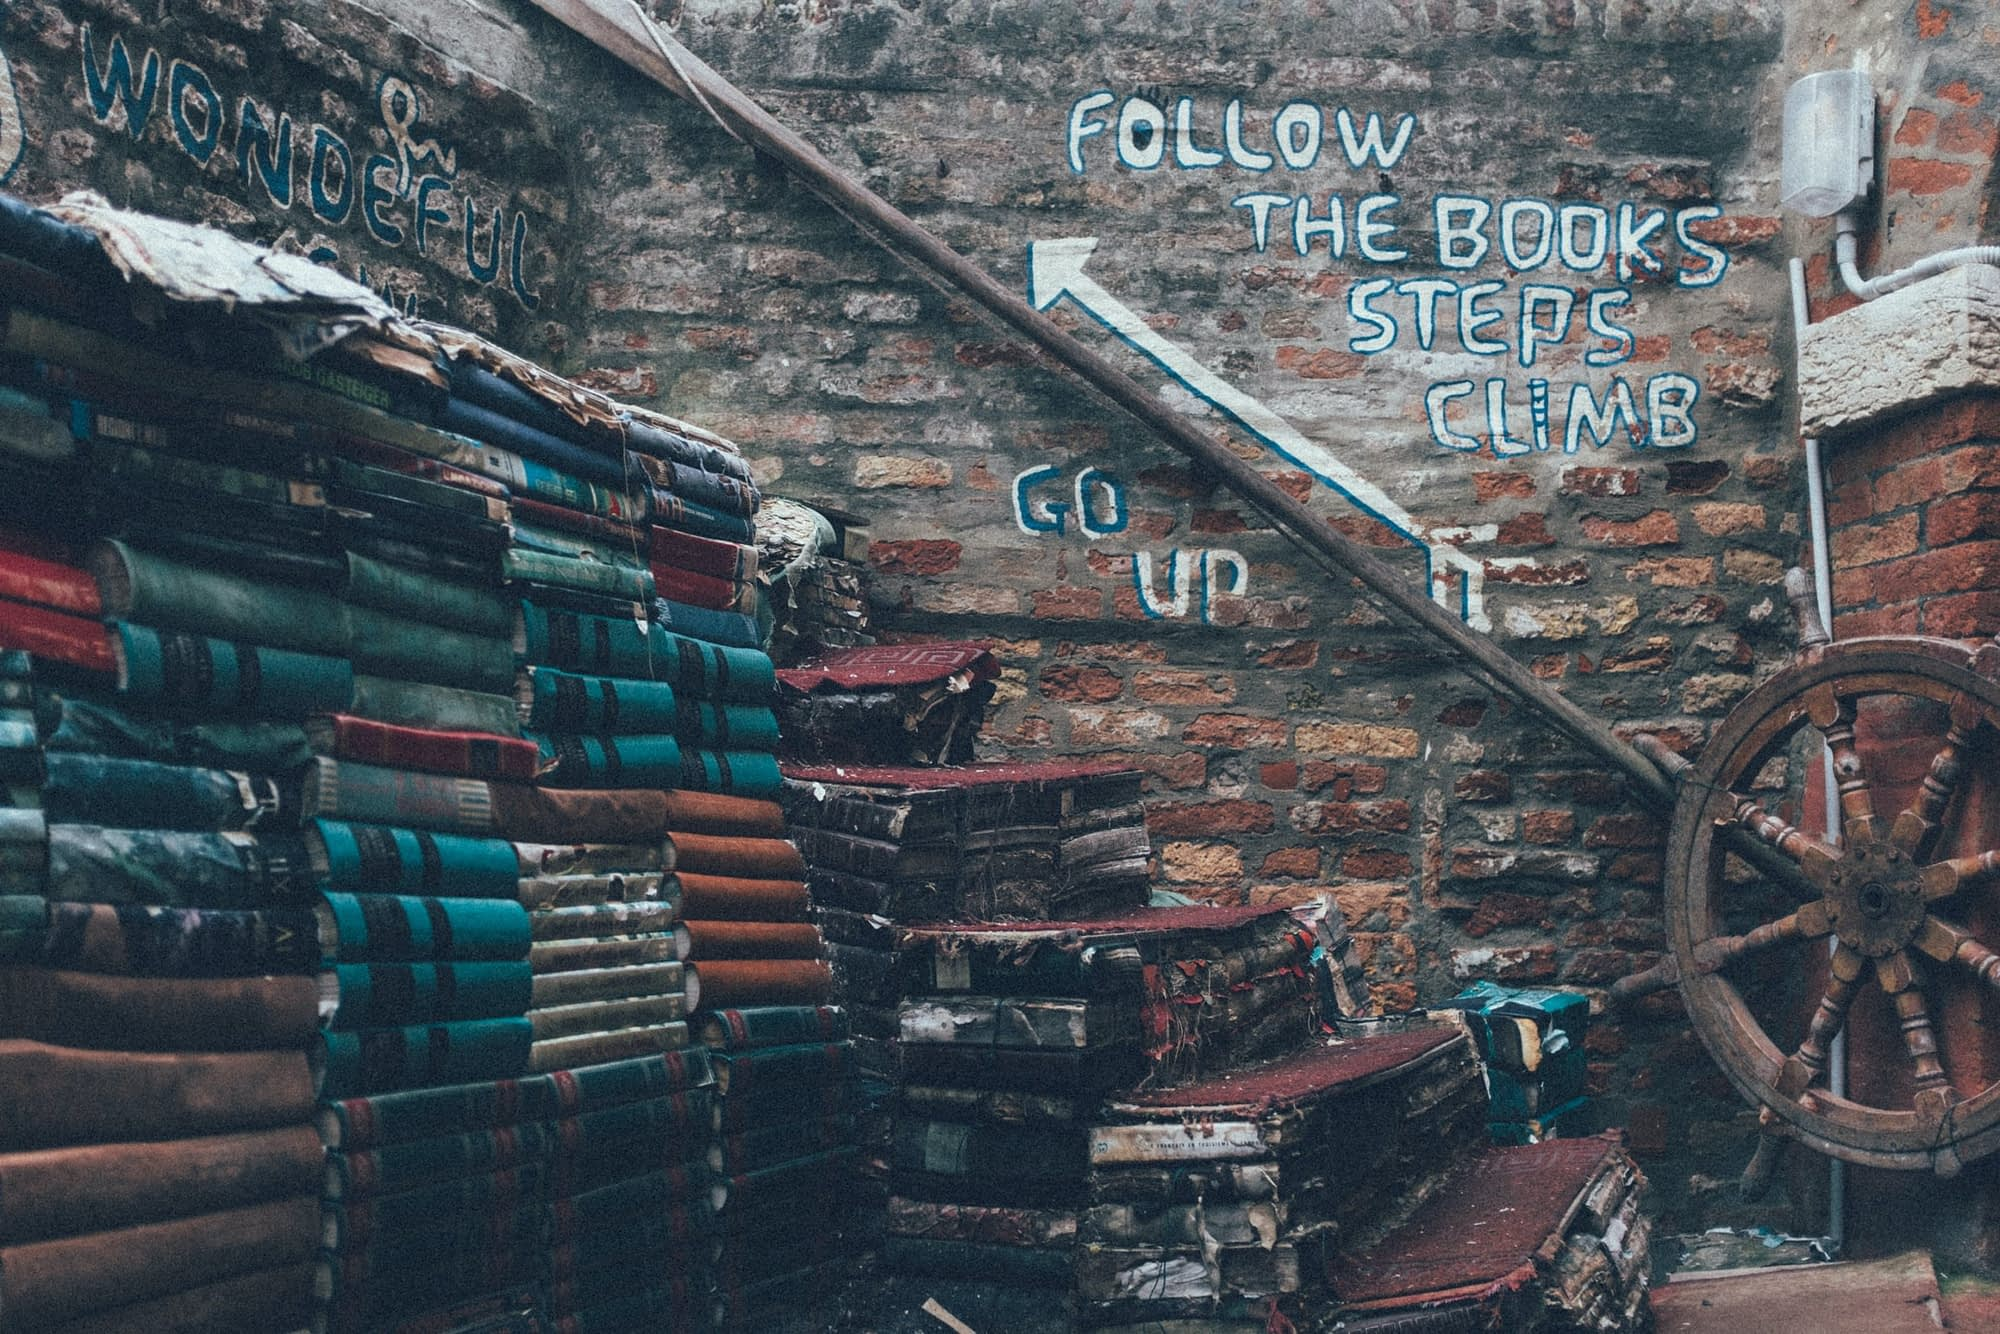 5 βιβλία που πρέπει να διαβάσεις το 2021